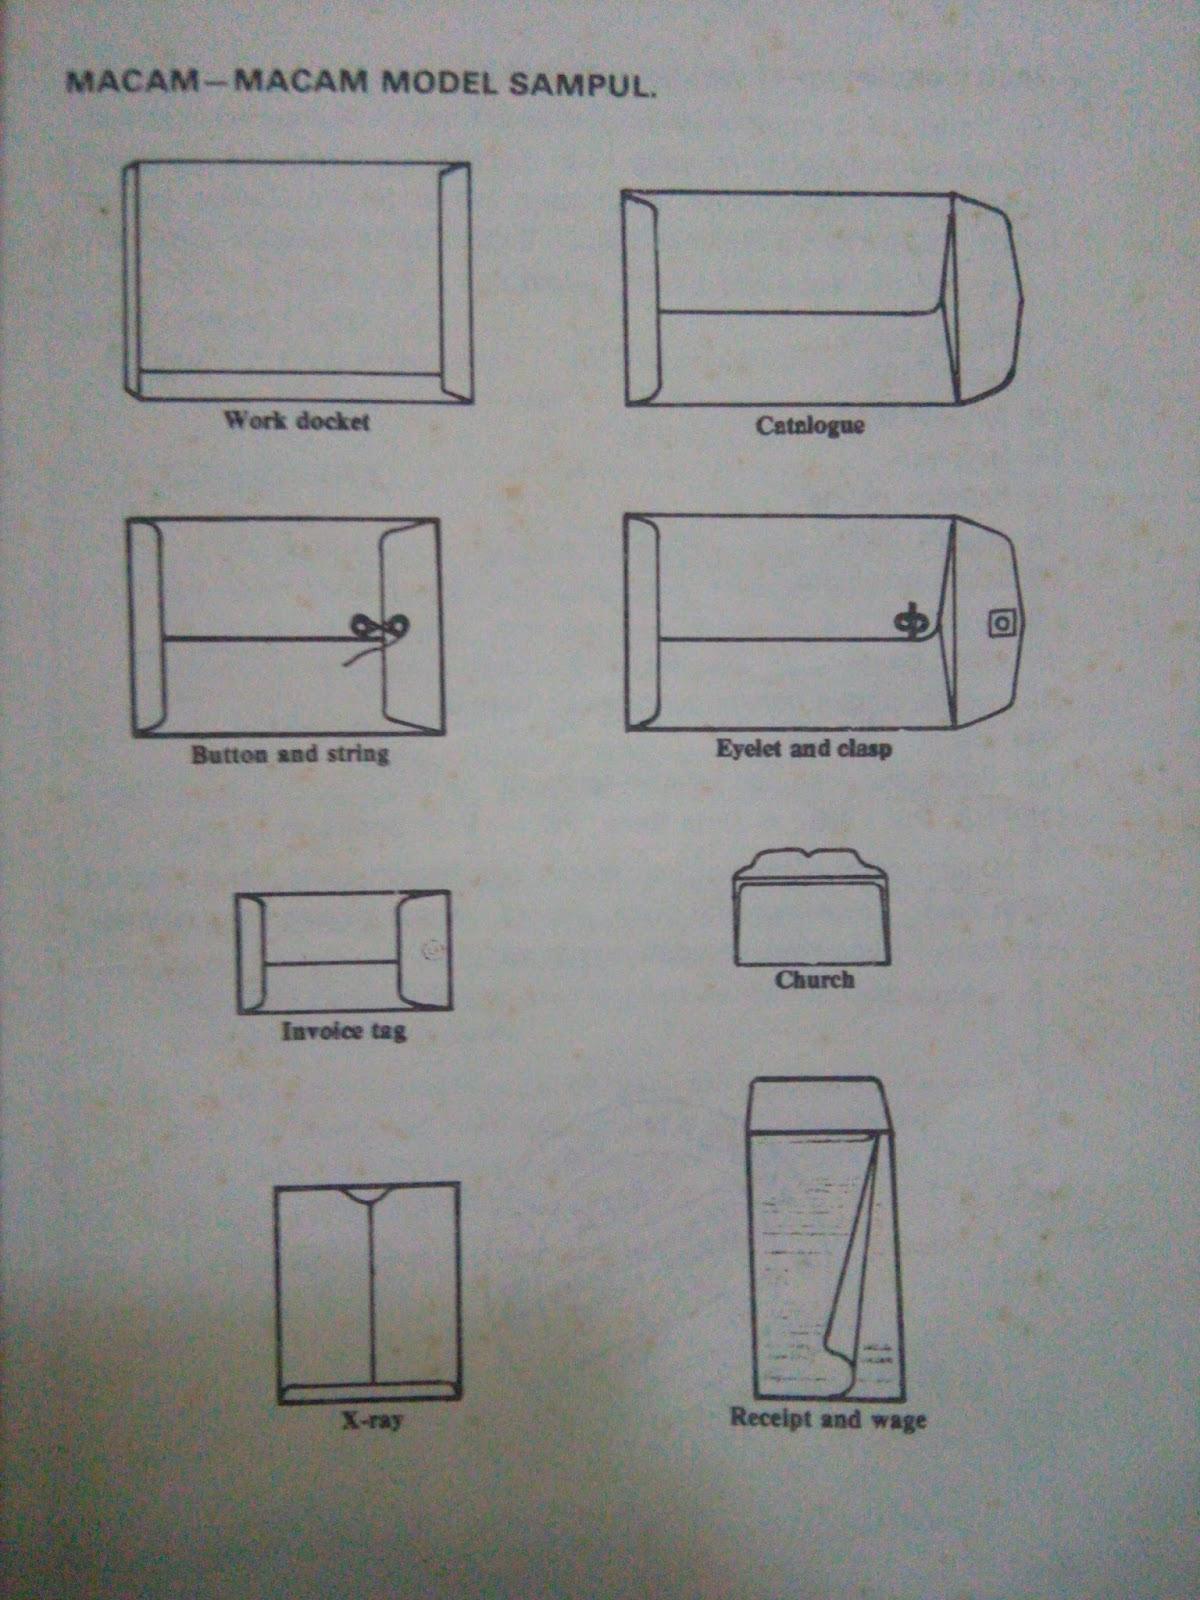 Cara Melipat Kertas Surat : melipat, kertas, surat, Melipat, Surat, Benar